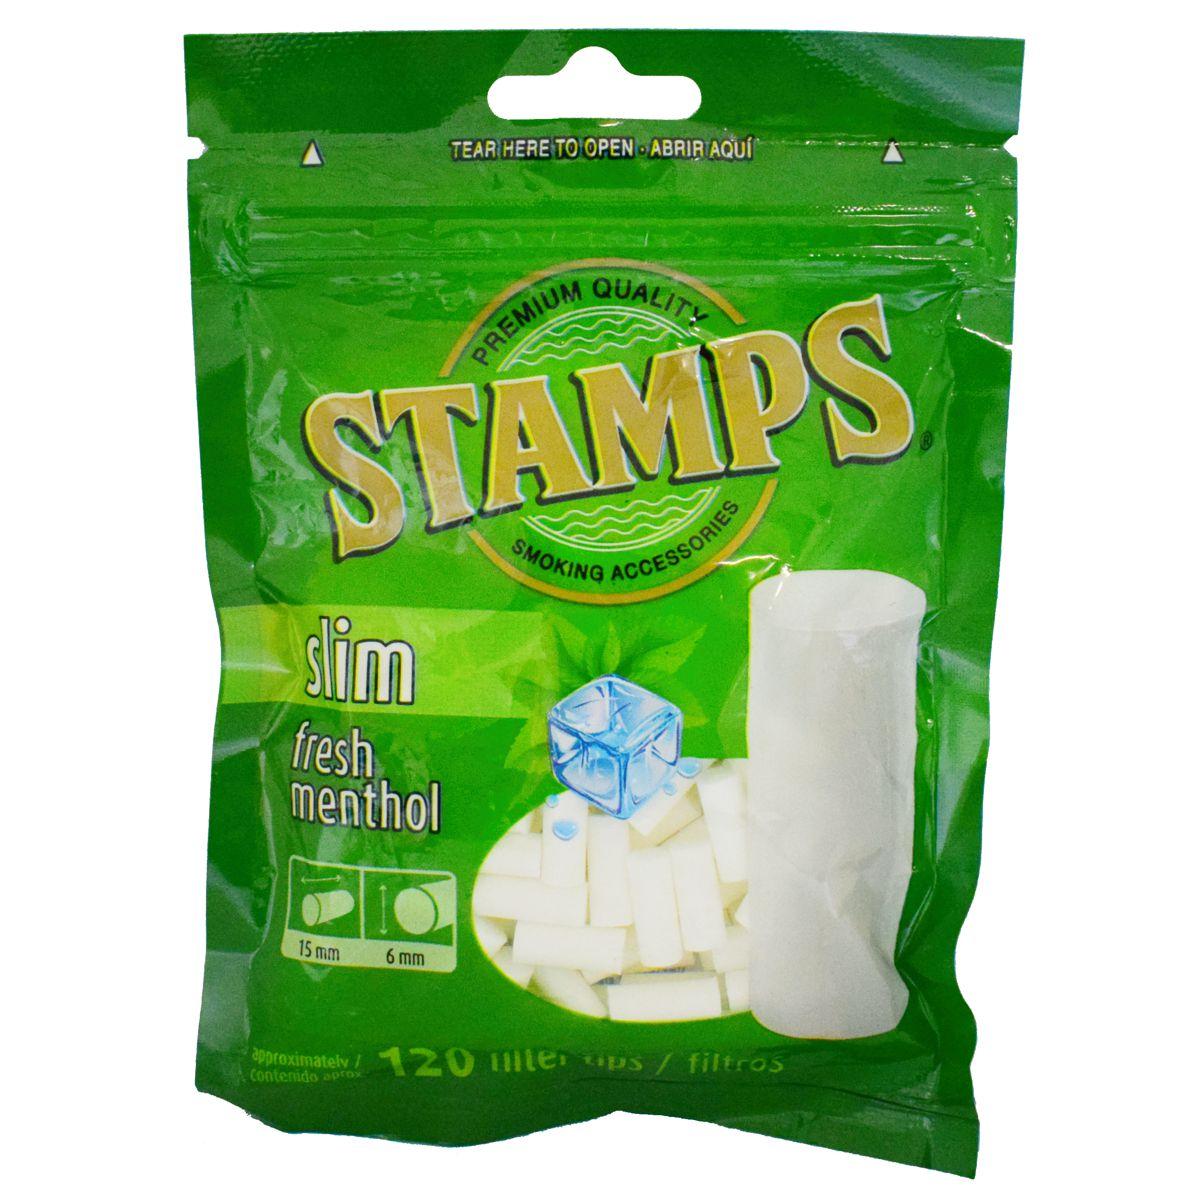 filtros stamps menthol venta